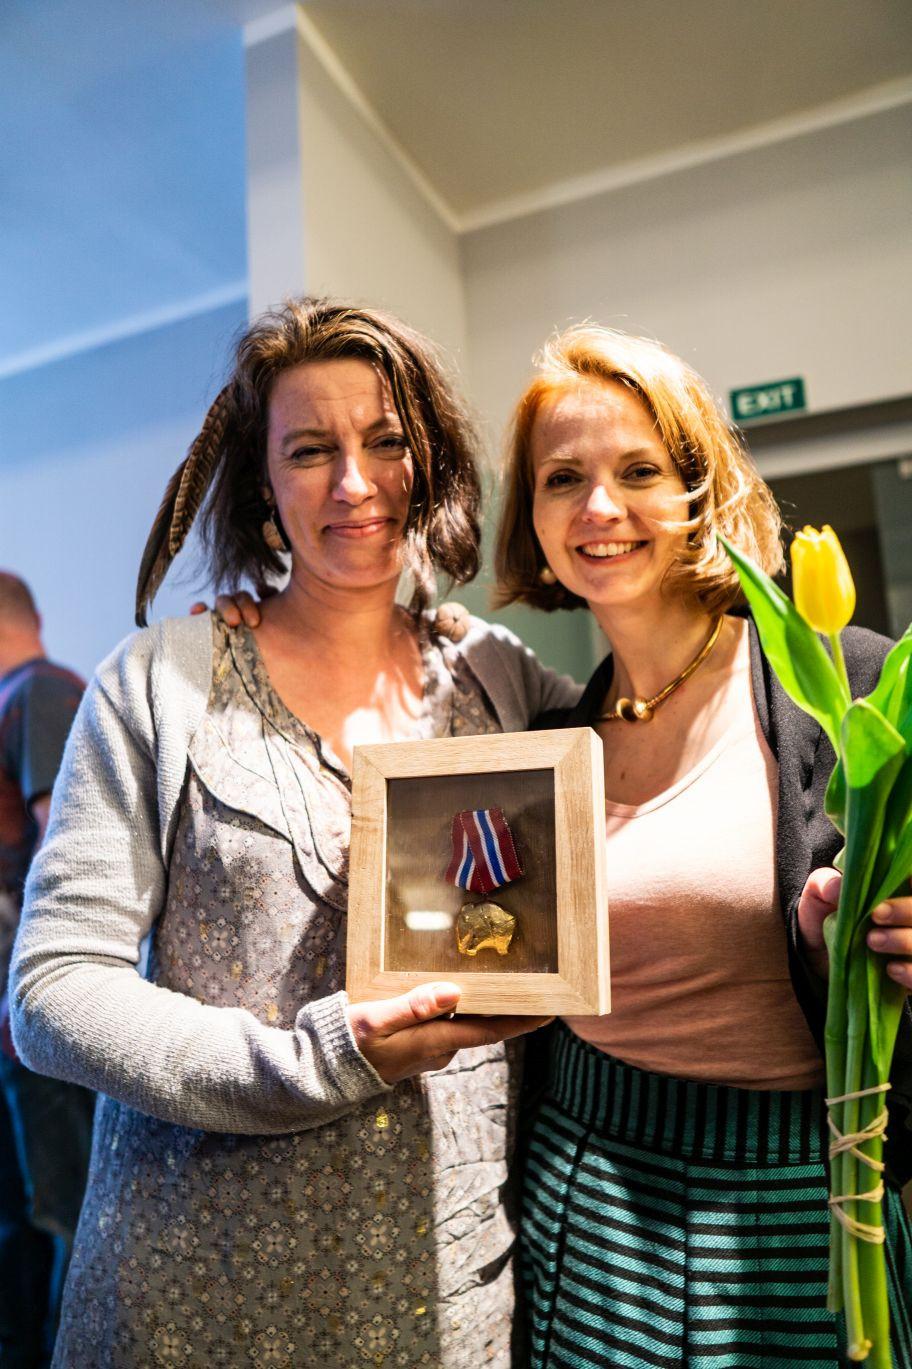 Autorky konceptu a organizátorky Kupecké osady Krumbenowe Lucie Šmahelová a Veronika Puhačová. Foto J. Horák